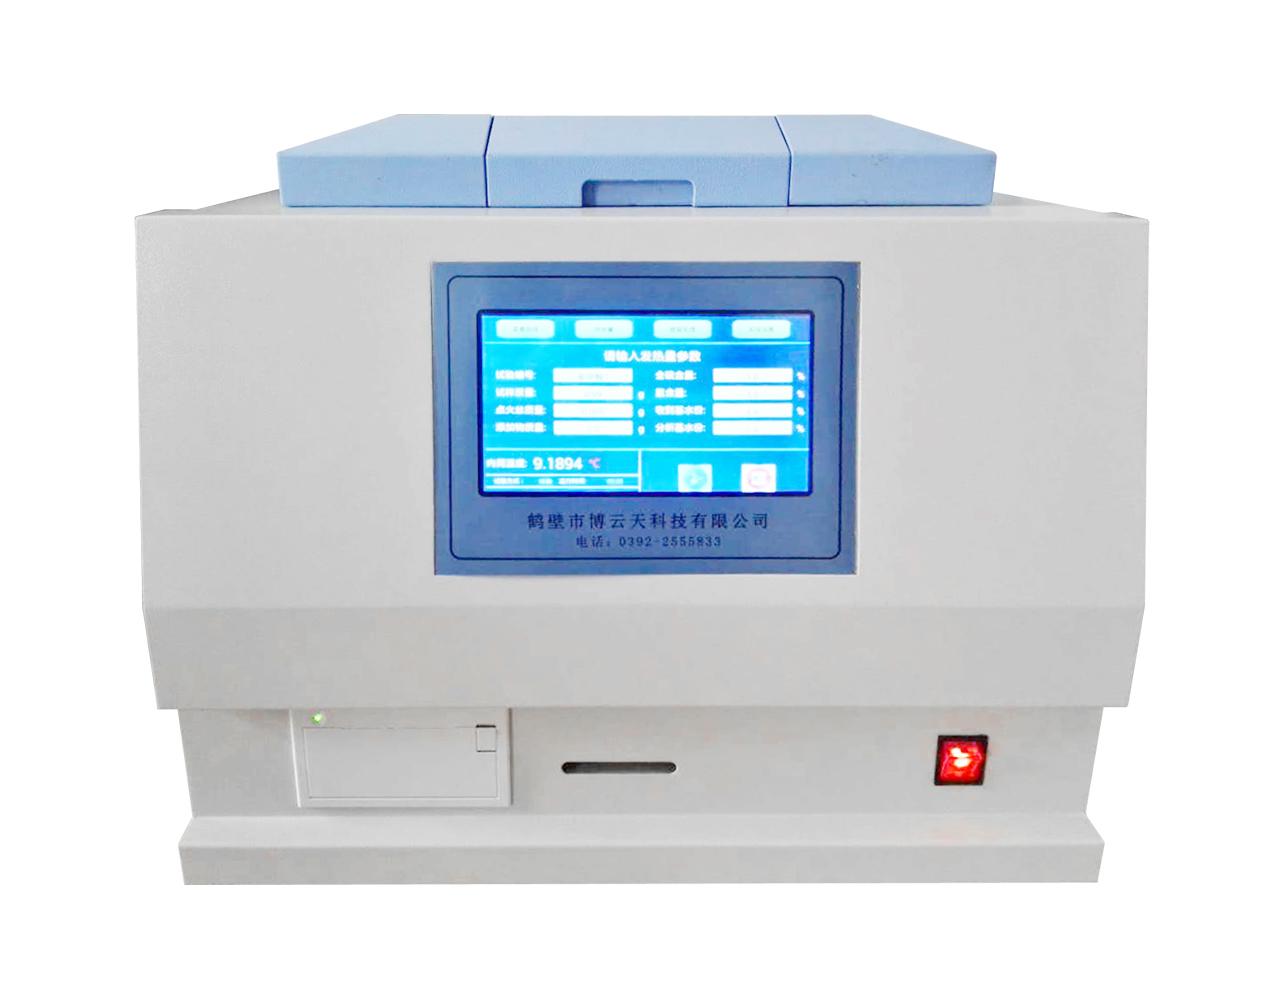 专供电厂、煤矿、洗煤厂煤炭化验设备BYTRL-3000C微机全自动量热仪